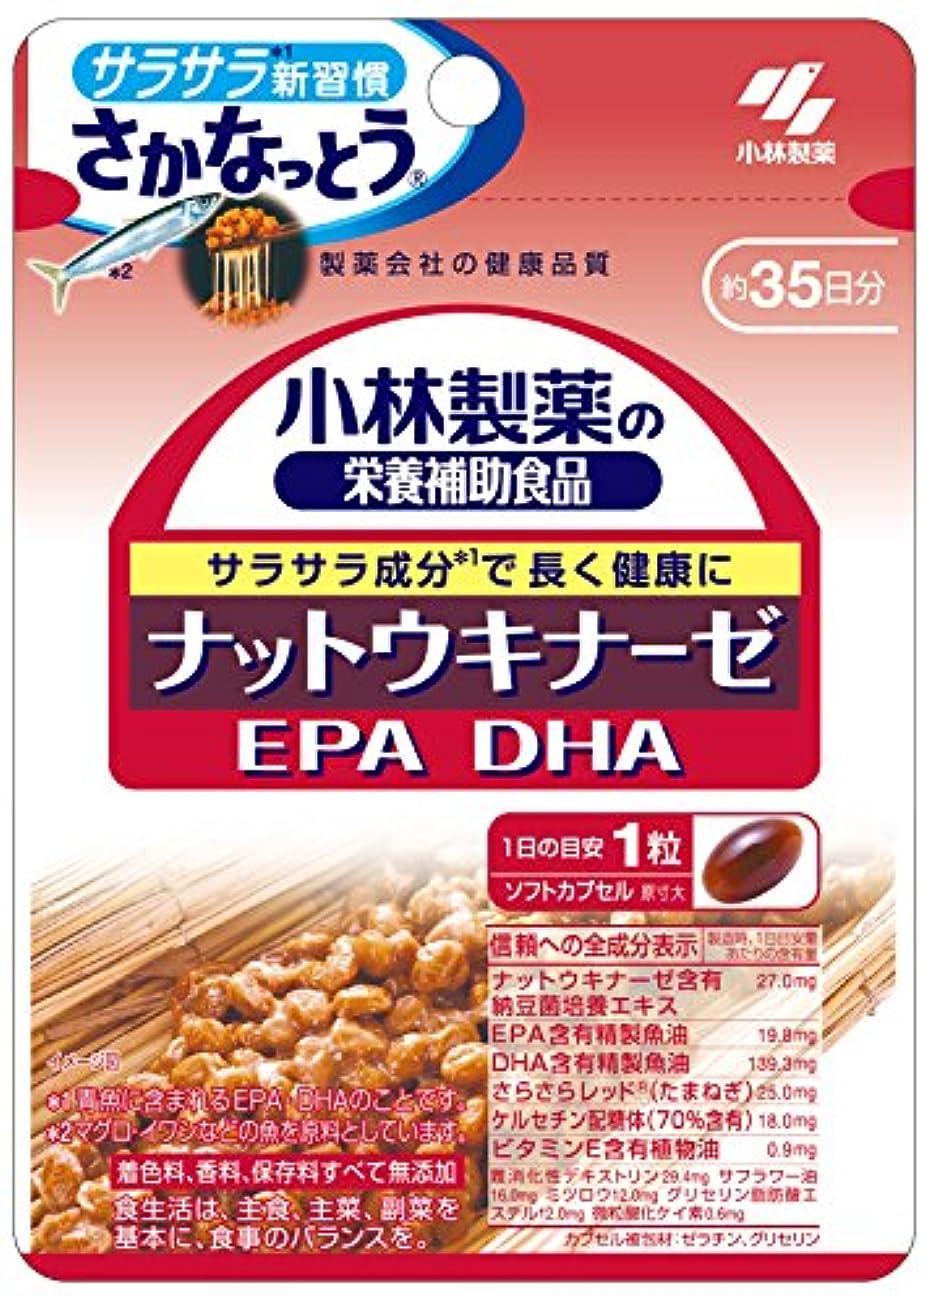 楽しい変形するオンス【Amazon.co.jp限定】 小林製薬の栄養補助食品 ナットウキナーゼ EPA DHA 約35日分 35粒